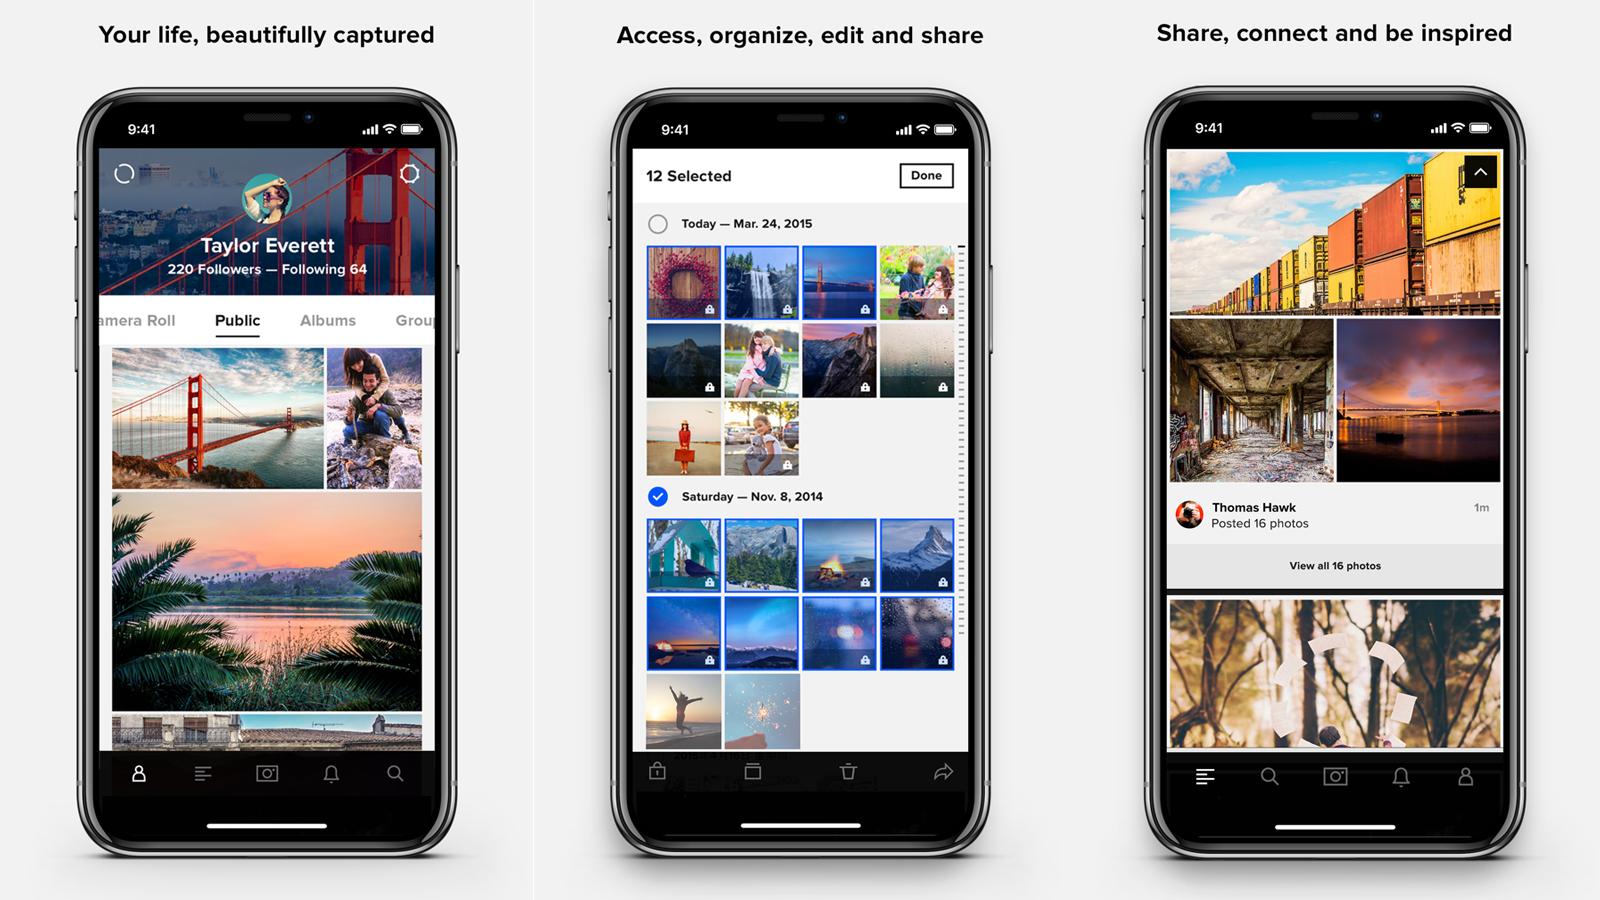 Приложение Flickr Pro для неограниченного хранения фотографий